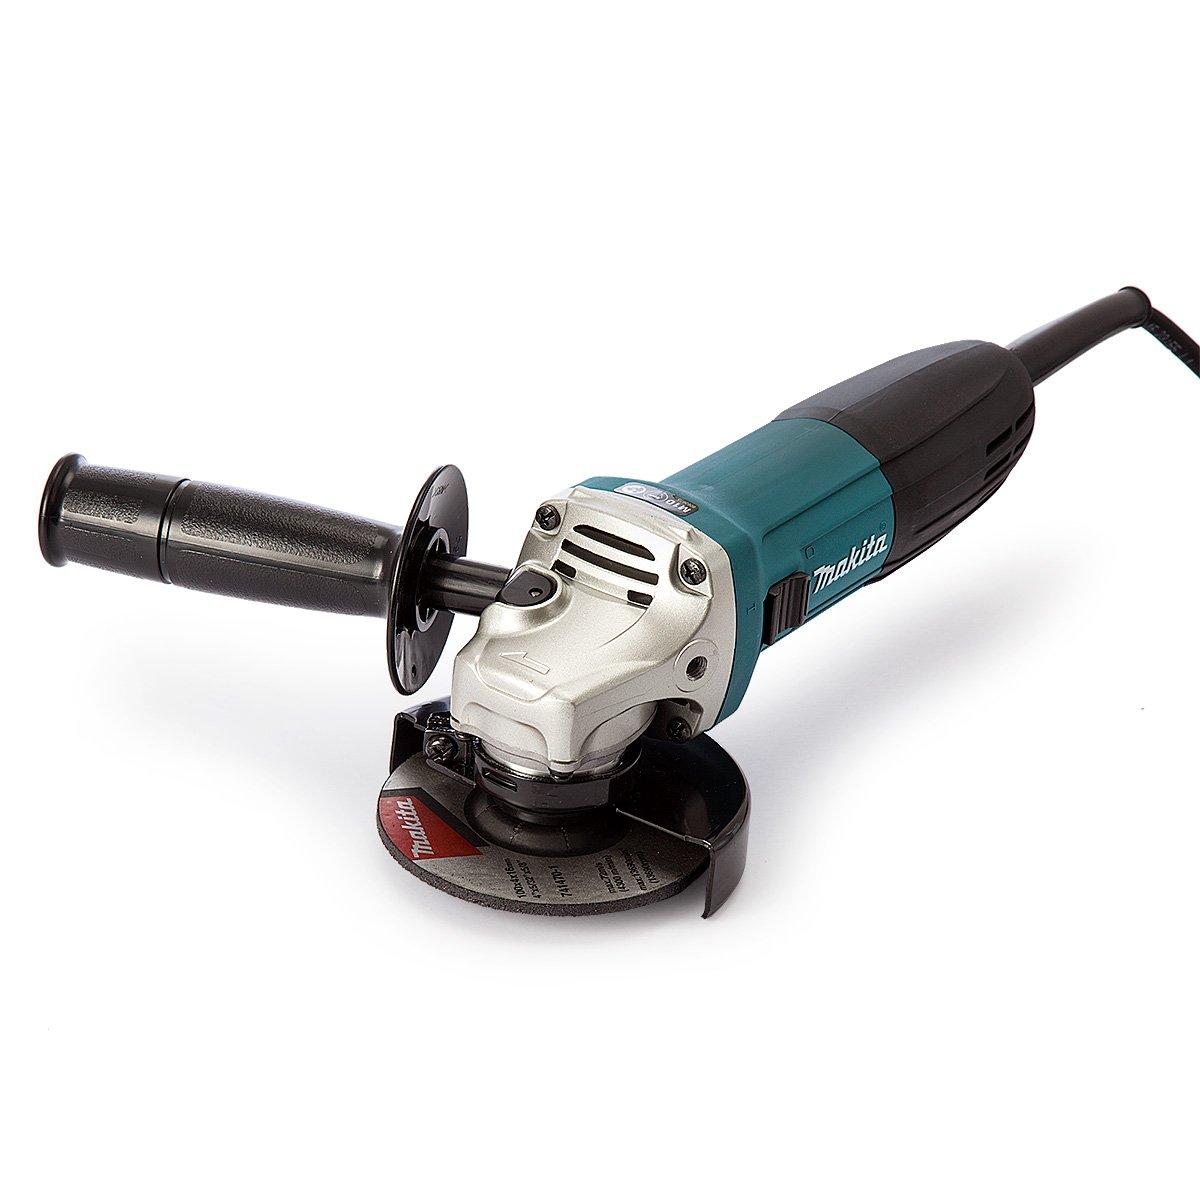 Makita GA4030R 240 V 100 mm Angle Grinder GA4030R/2